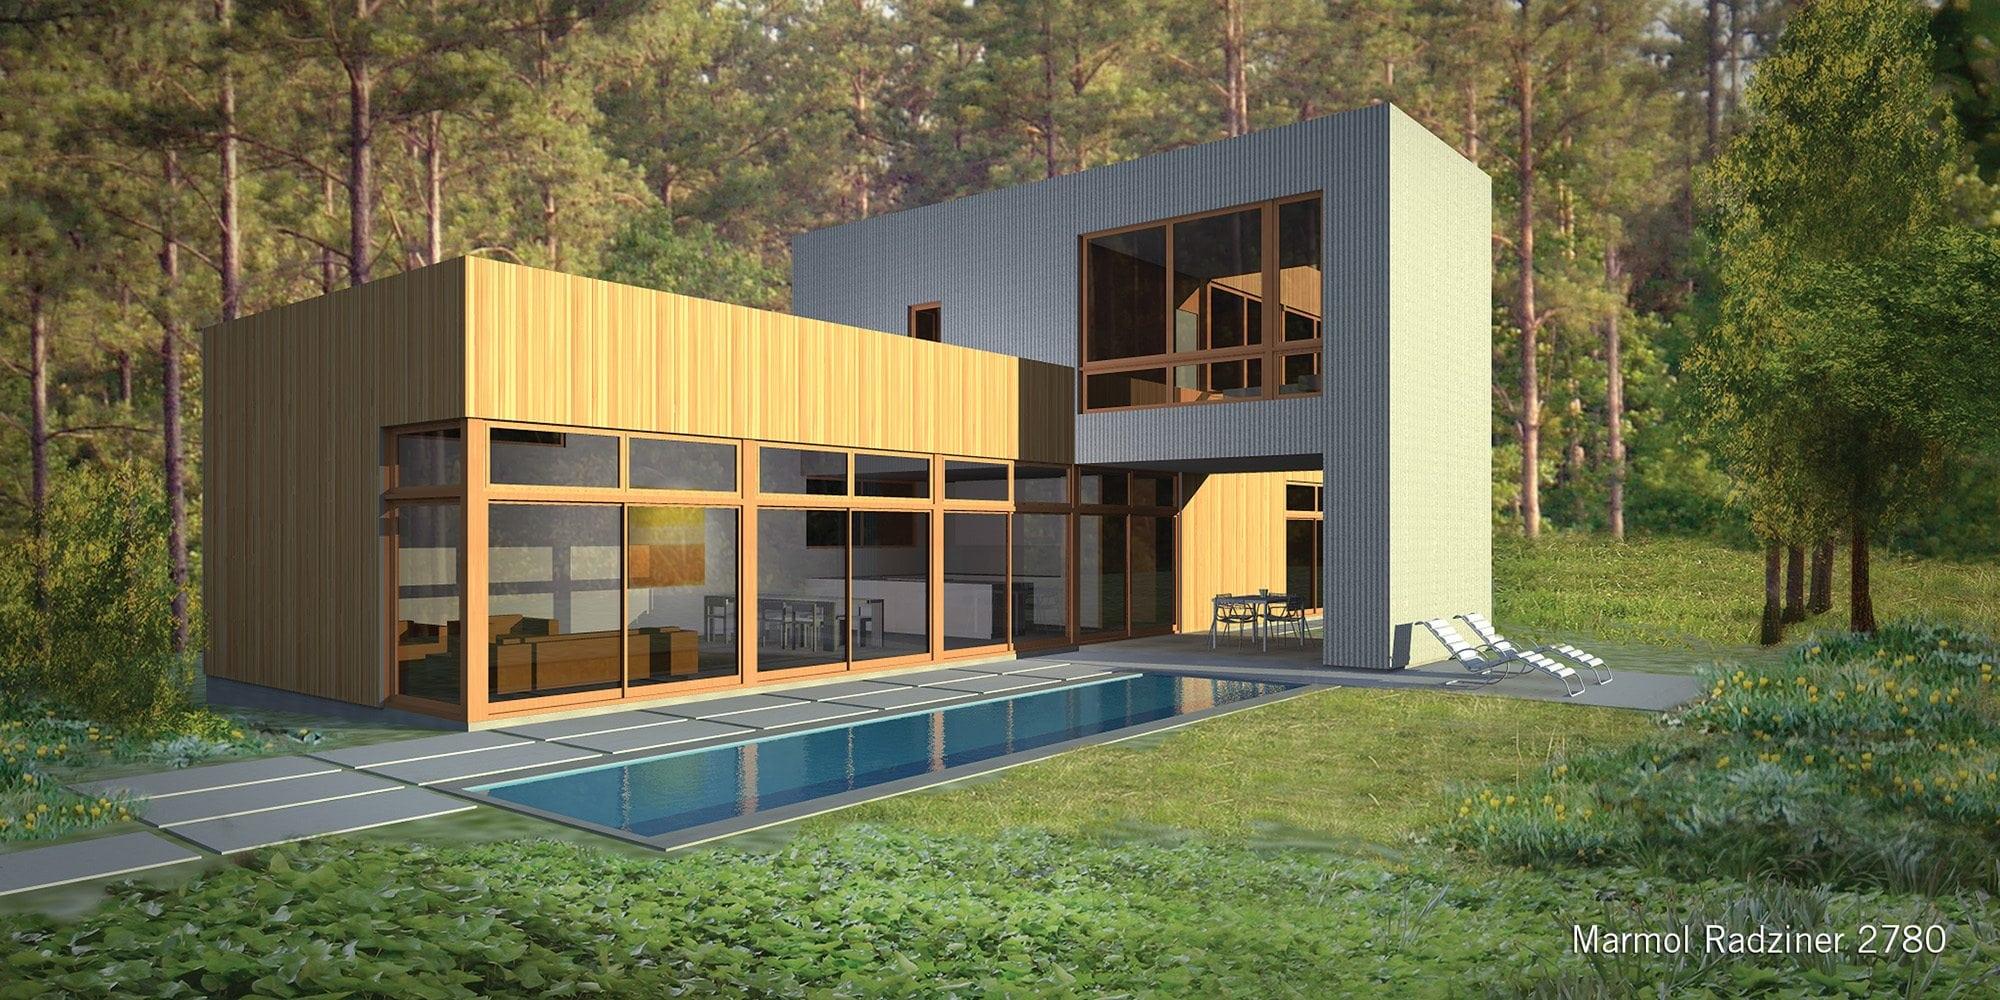 Best Kitchen Gallery: Marmol Radziner 2780 Home Design Lindal Architects Collaborative of Marmol Radziner Homes on rachelxblog.com